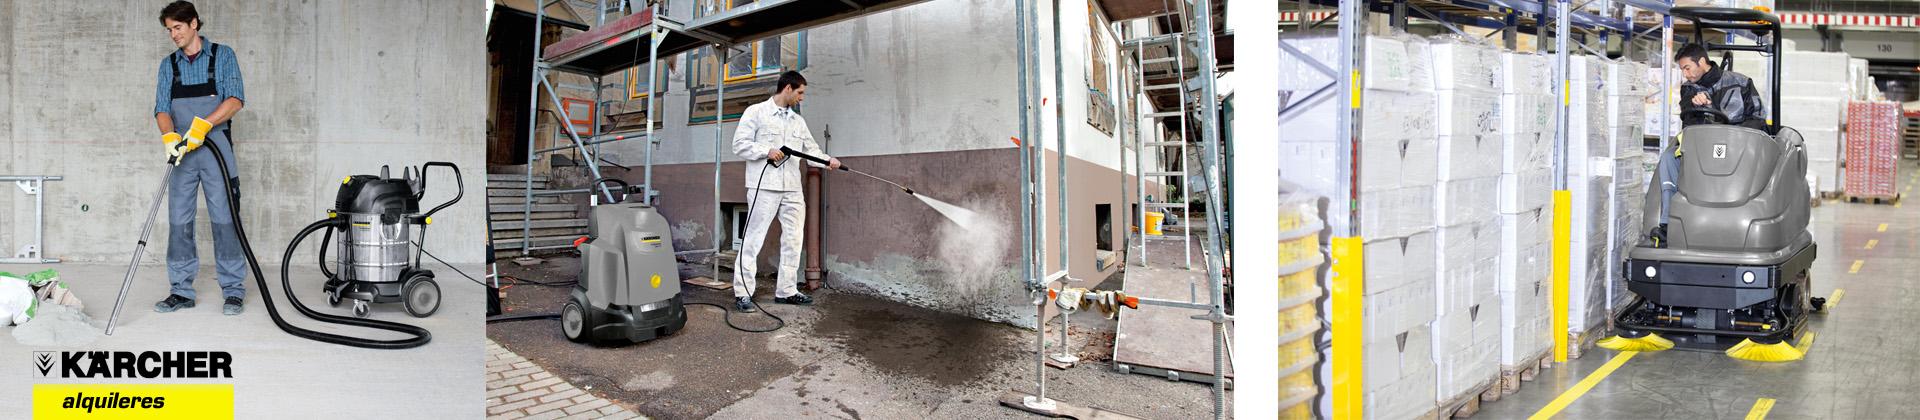 Alquiler de maquinaria de limpieza Karcher